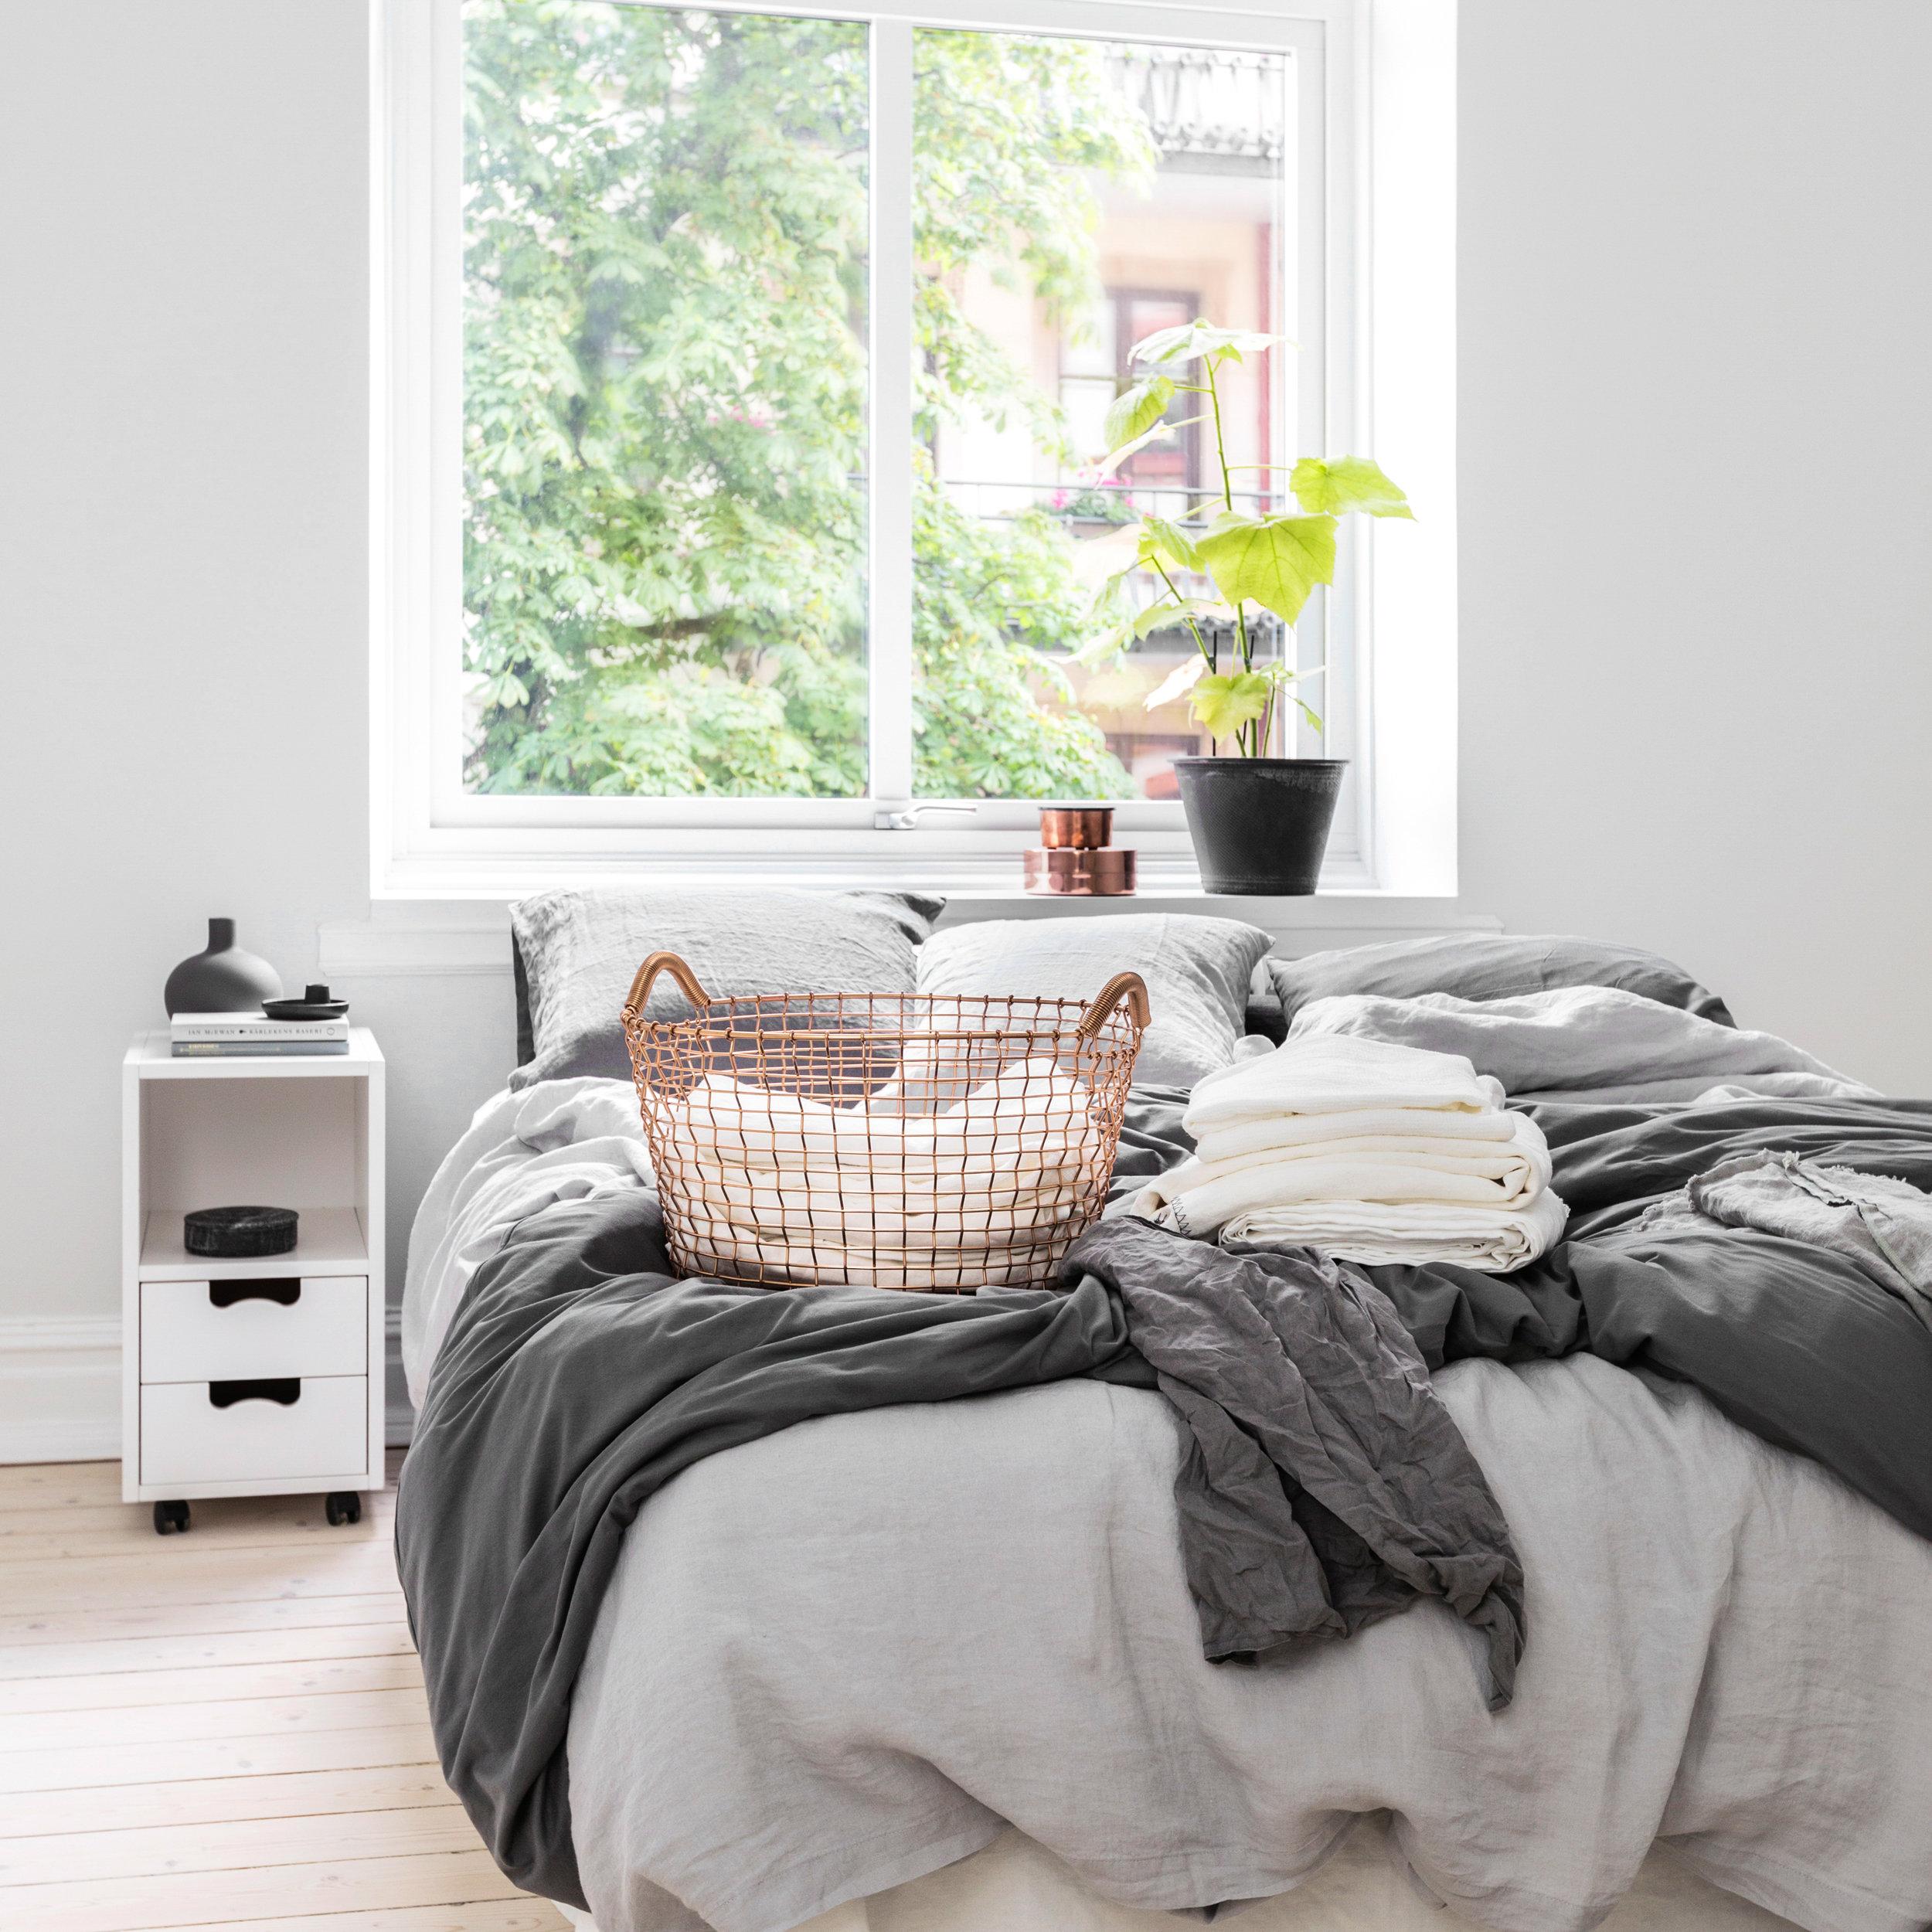 Classic 35 copper - Bedroom.jpg